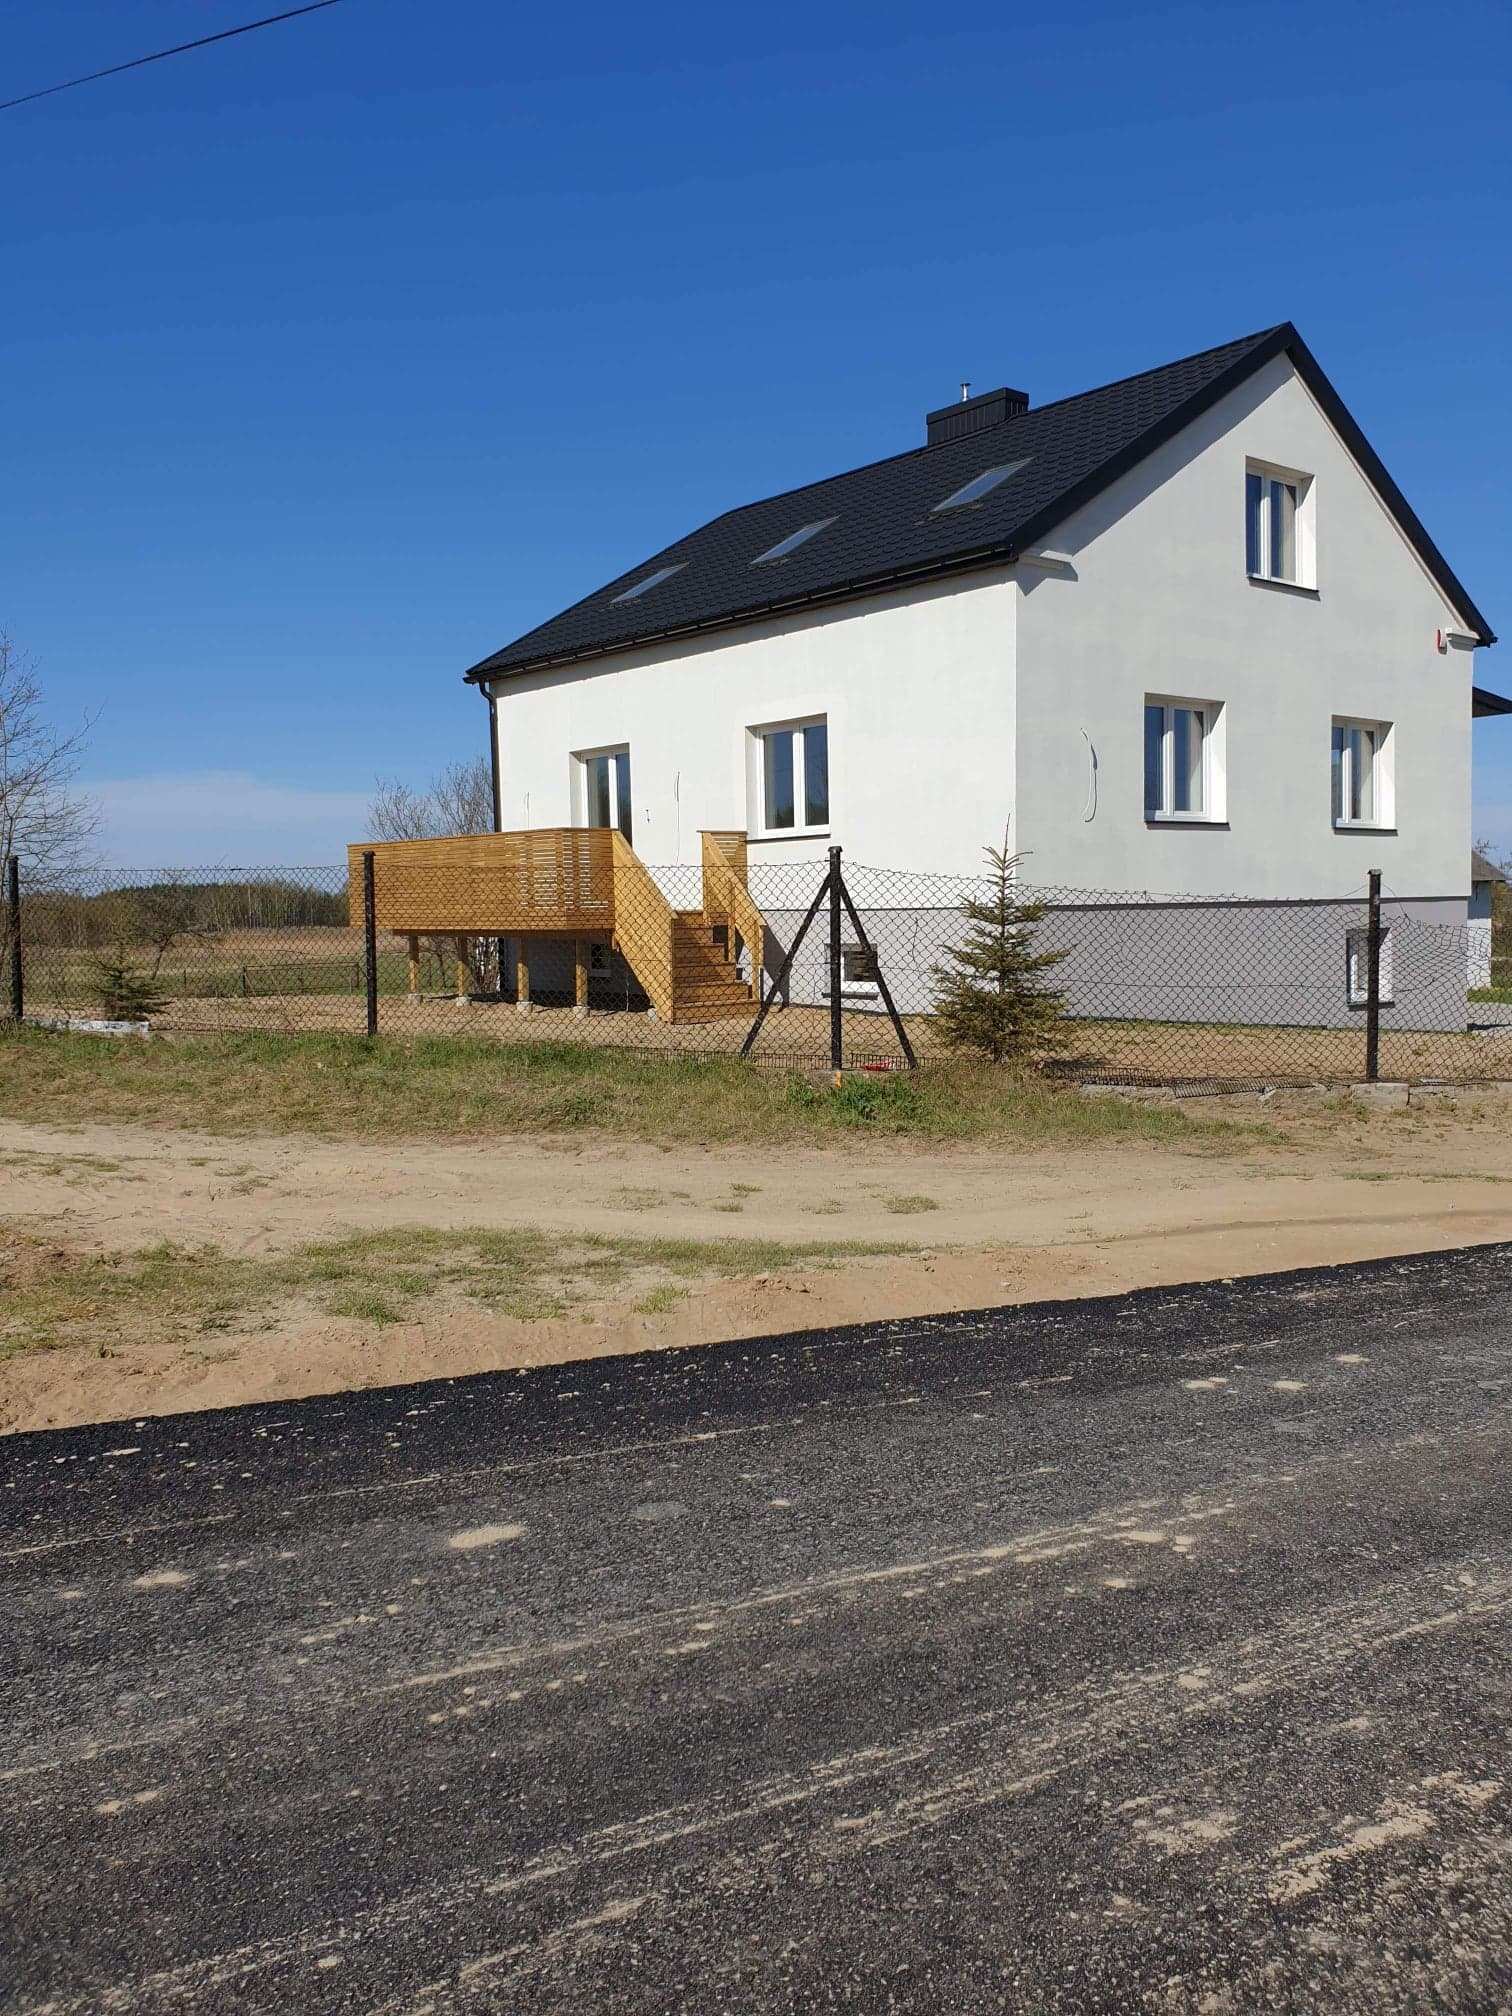 DOM + dwa budynki gospodarcze na sprzedaż, stan deweloperski, LIPINY, NOWA NIŻSZA CENA